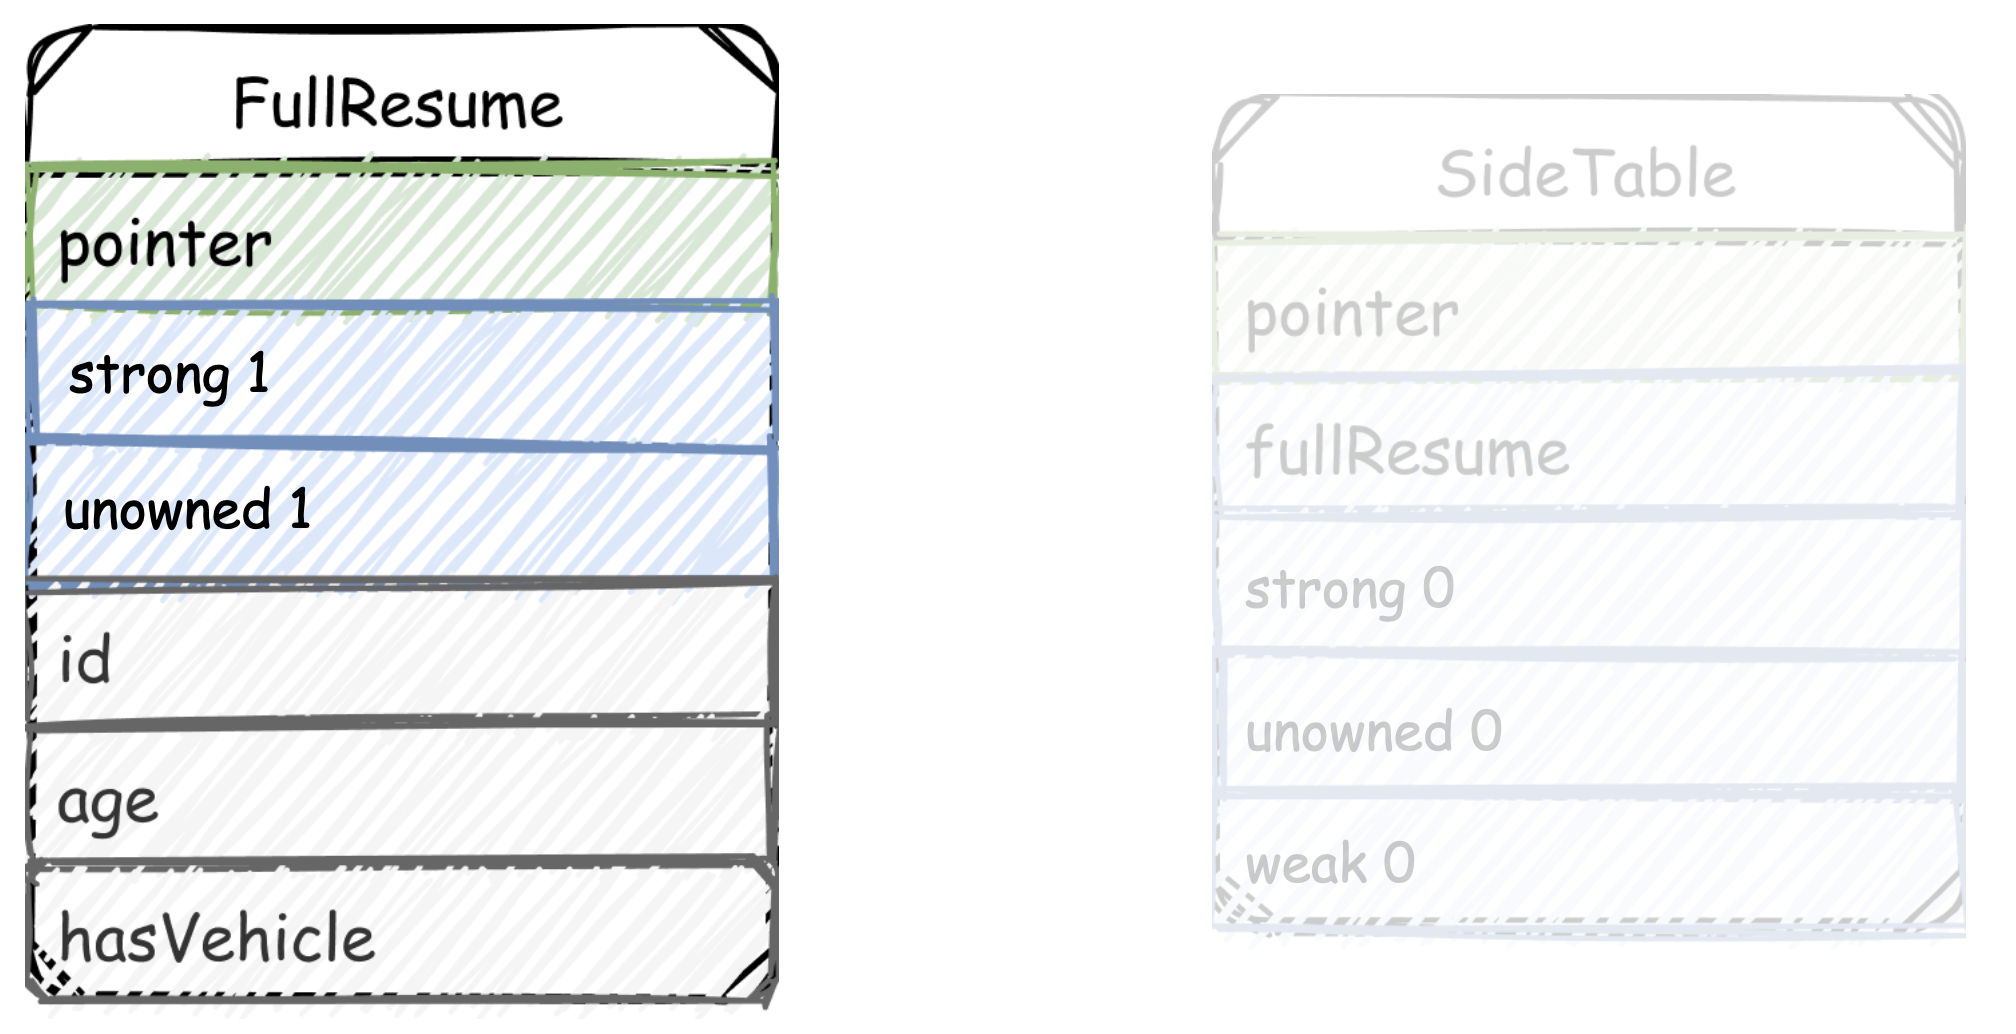 До создания боковой таблицы